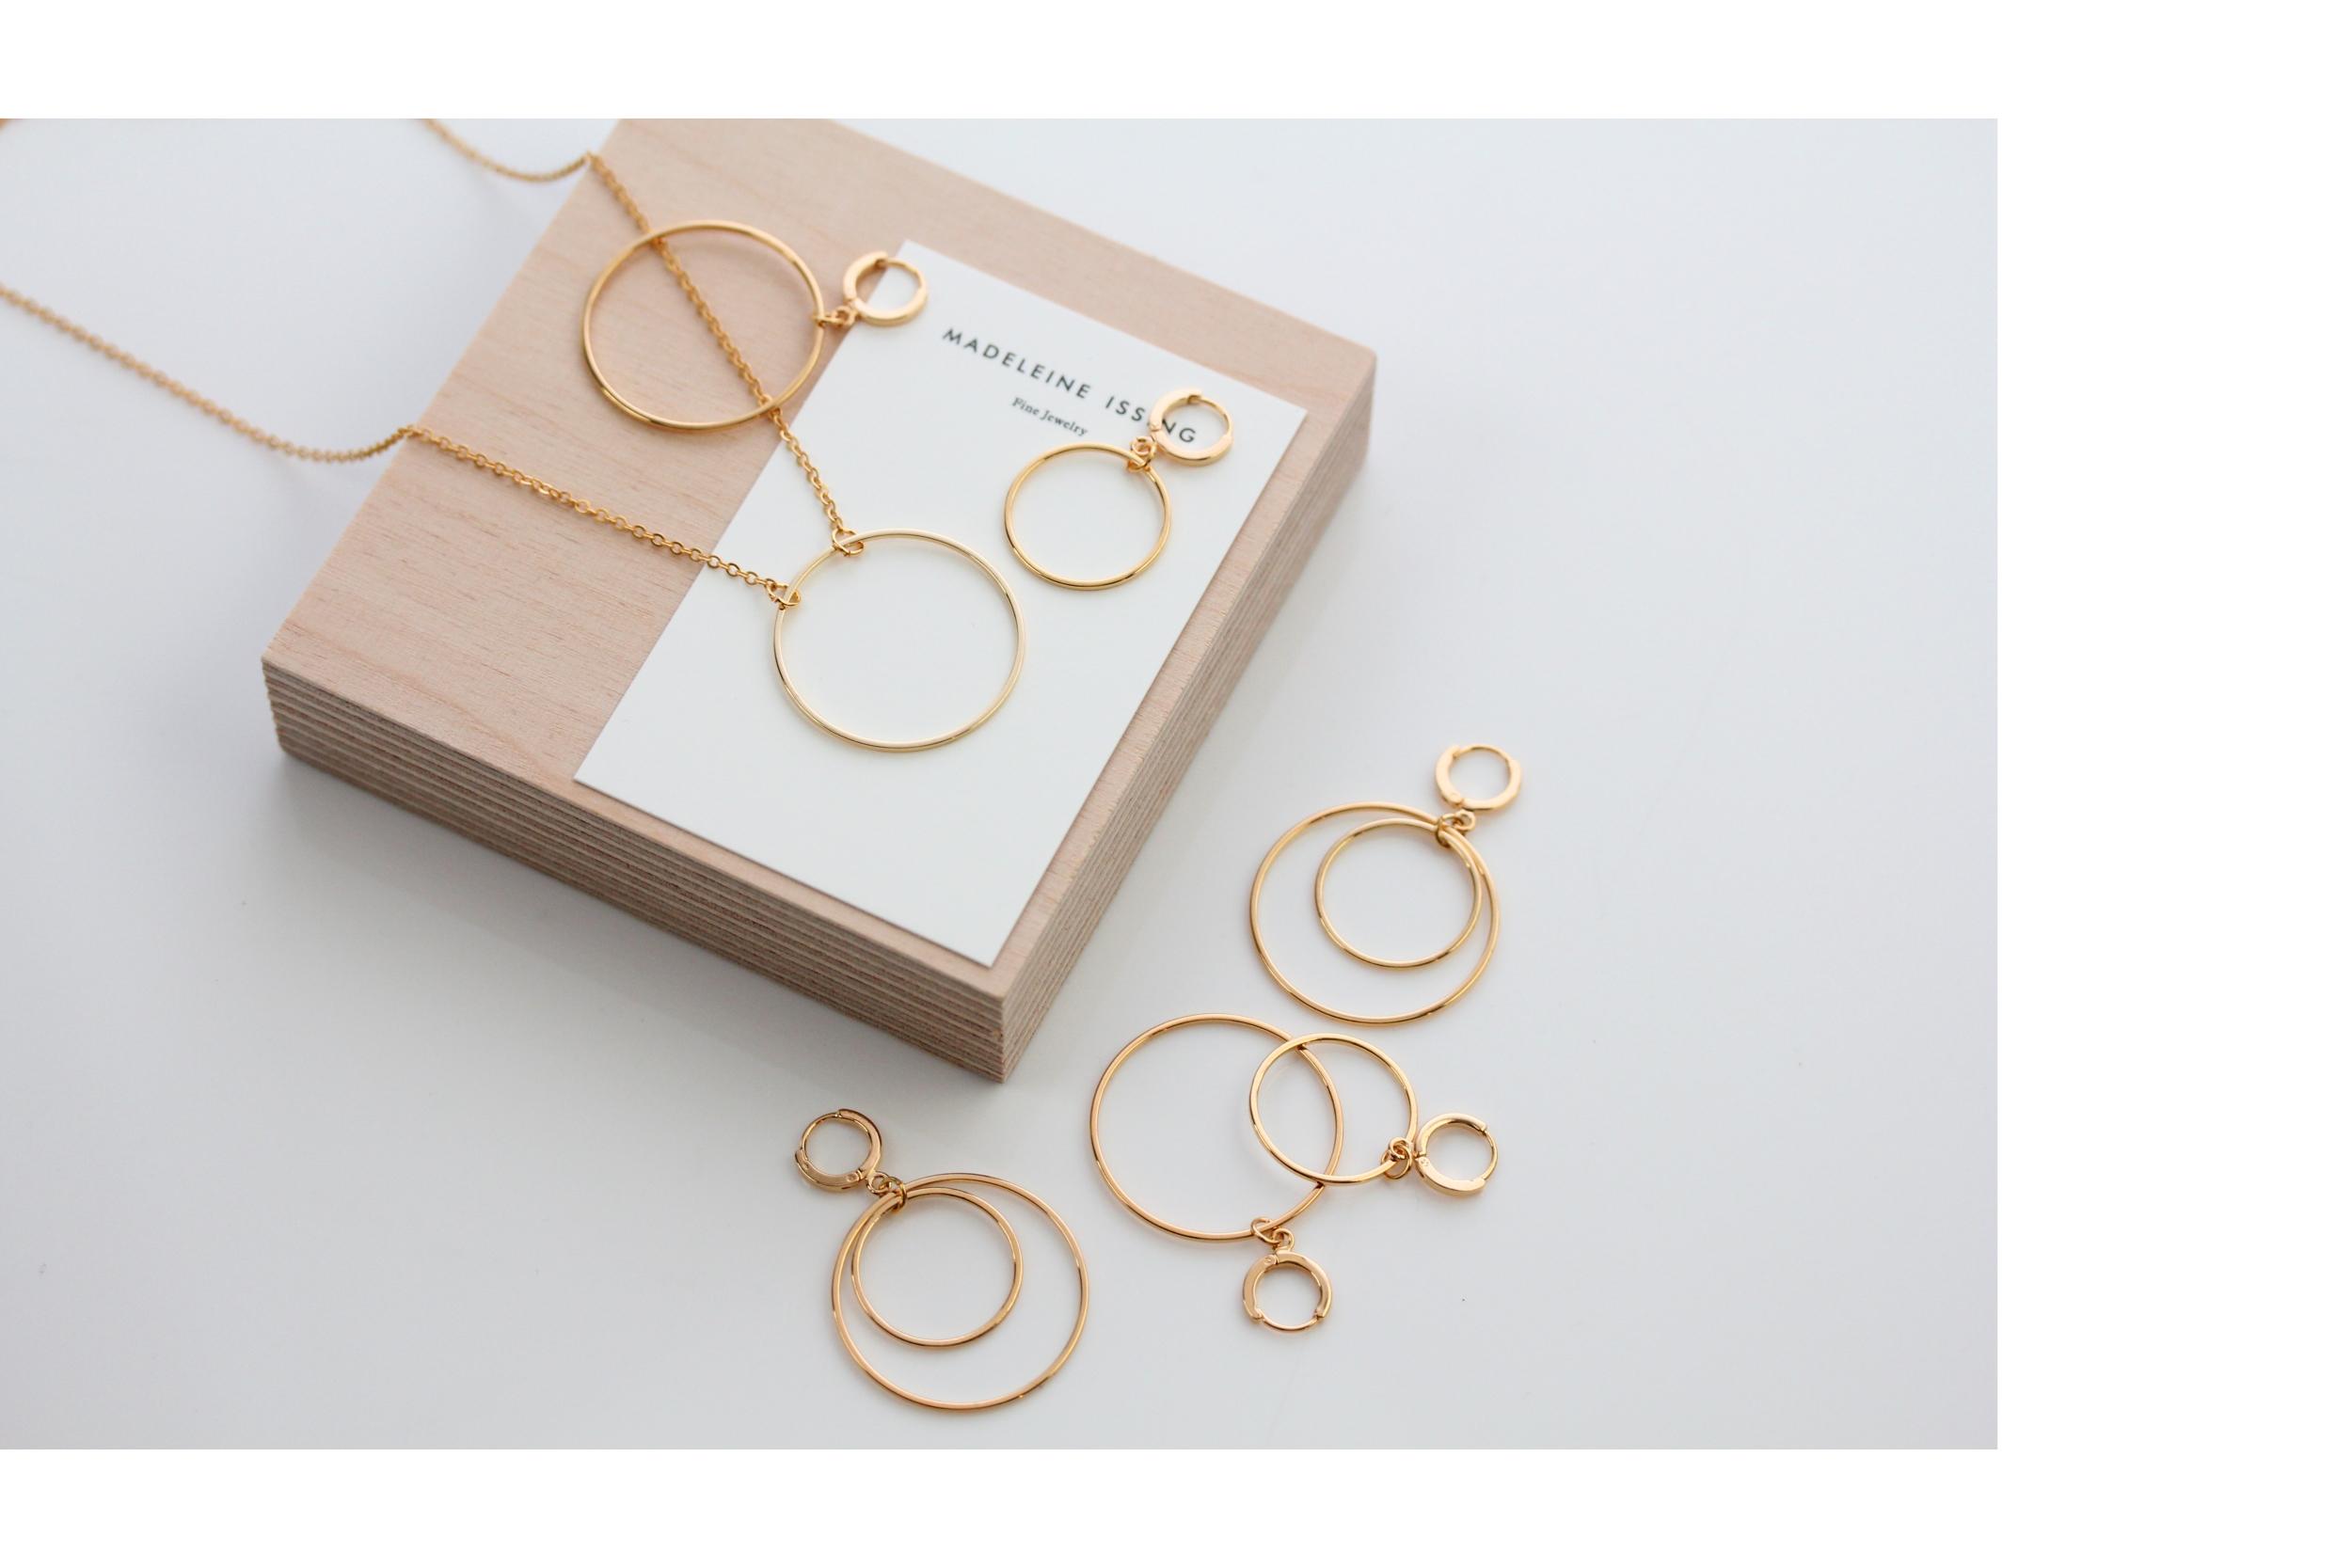 Moderne Ohrringe für Frauen Madeleine Issing